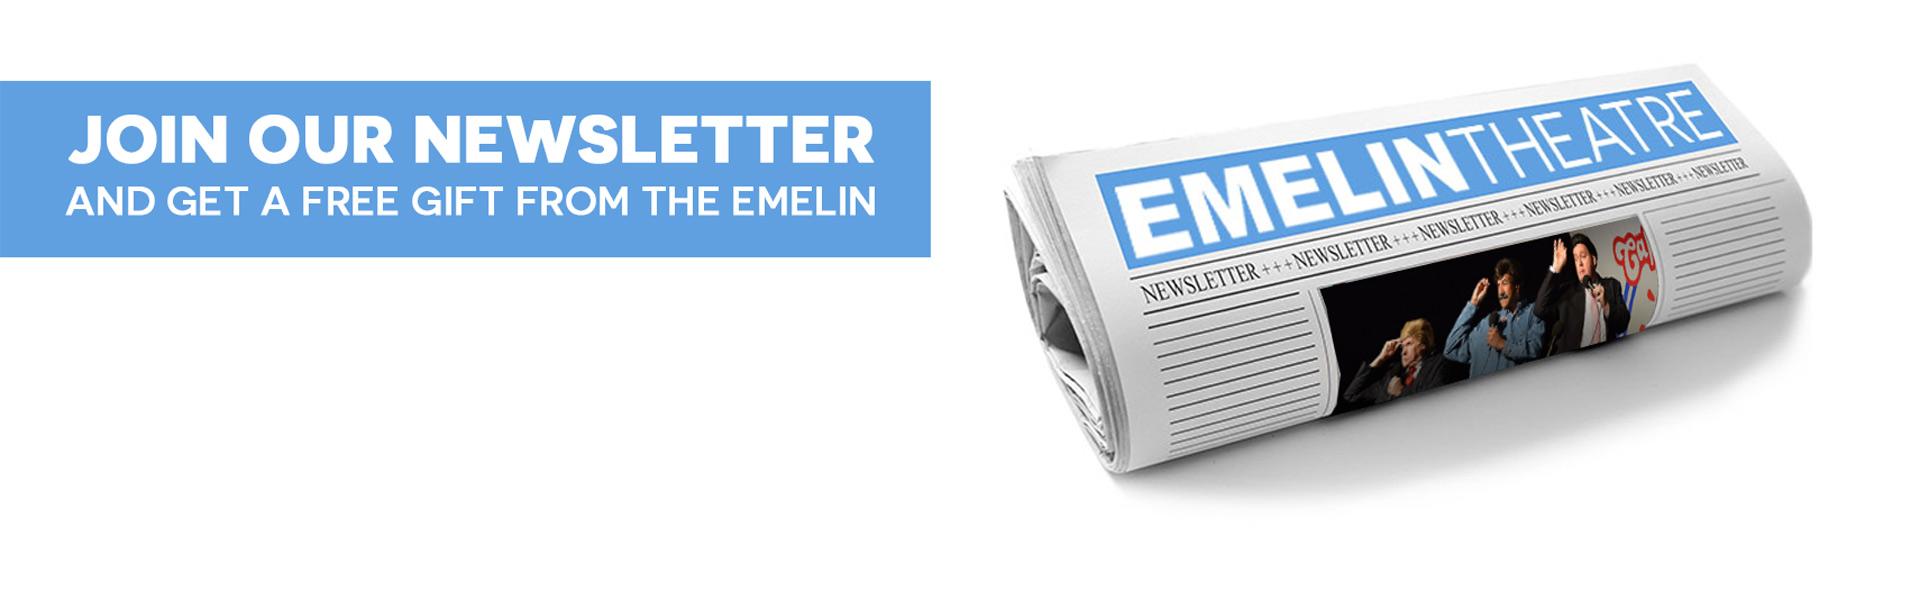 http://emelin.org/images/emelin_newsletter_1920x600.jpg